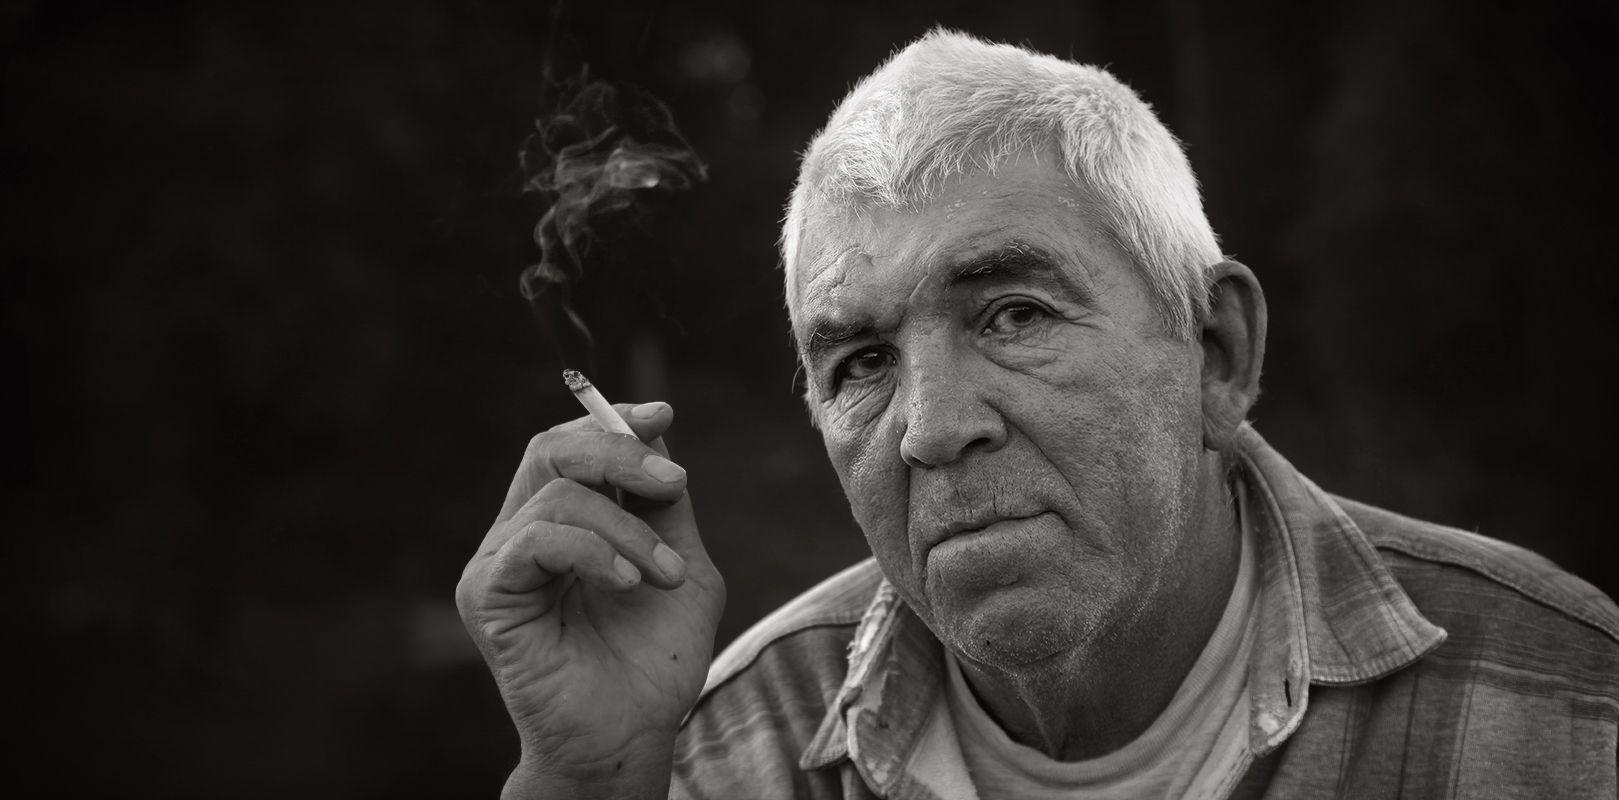 Моя жизнь, что дым сигареты.